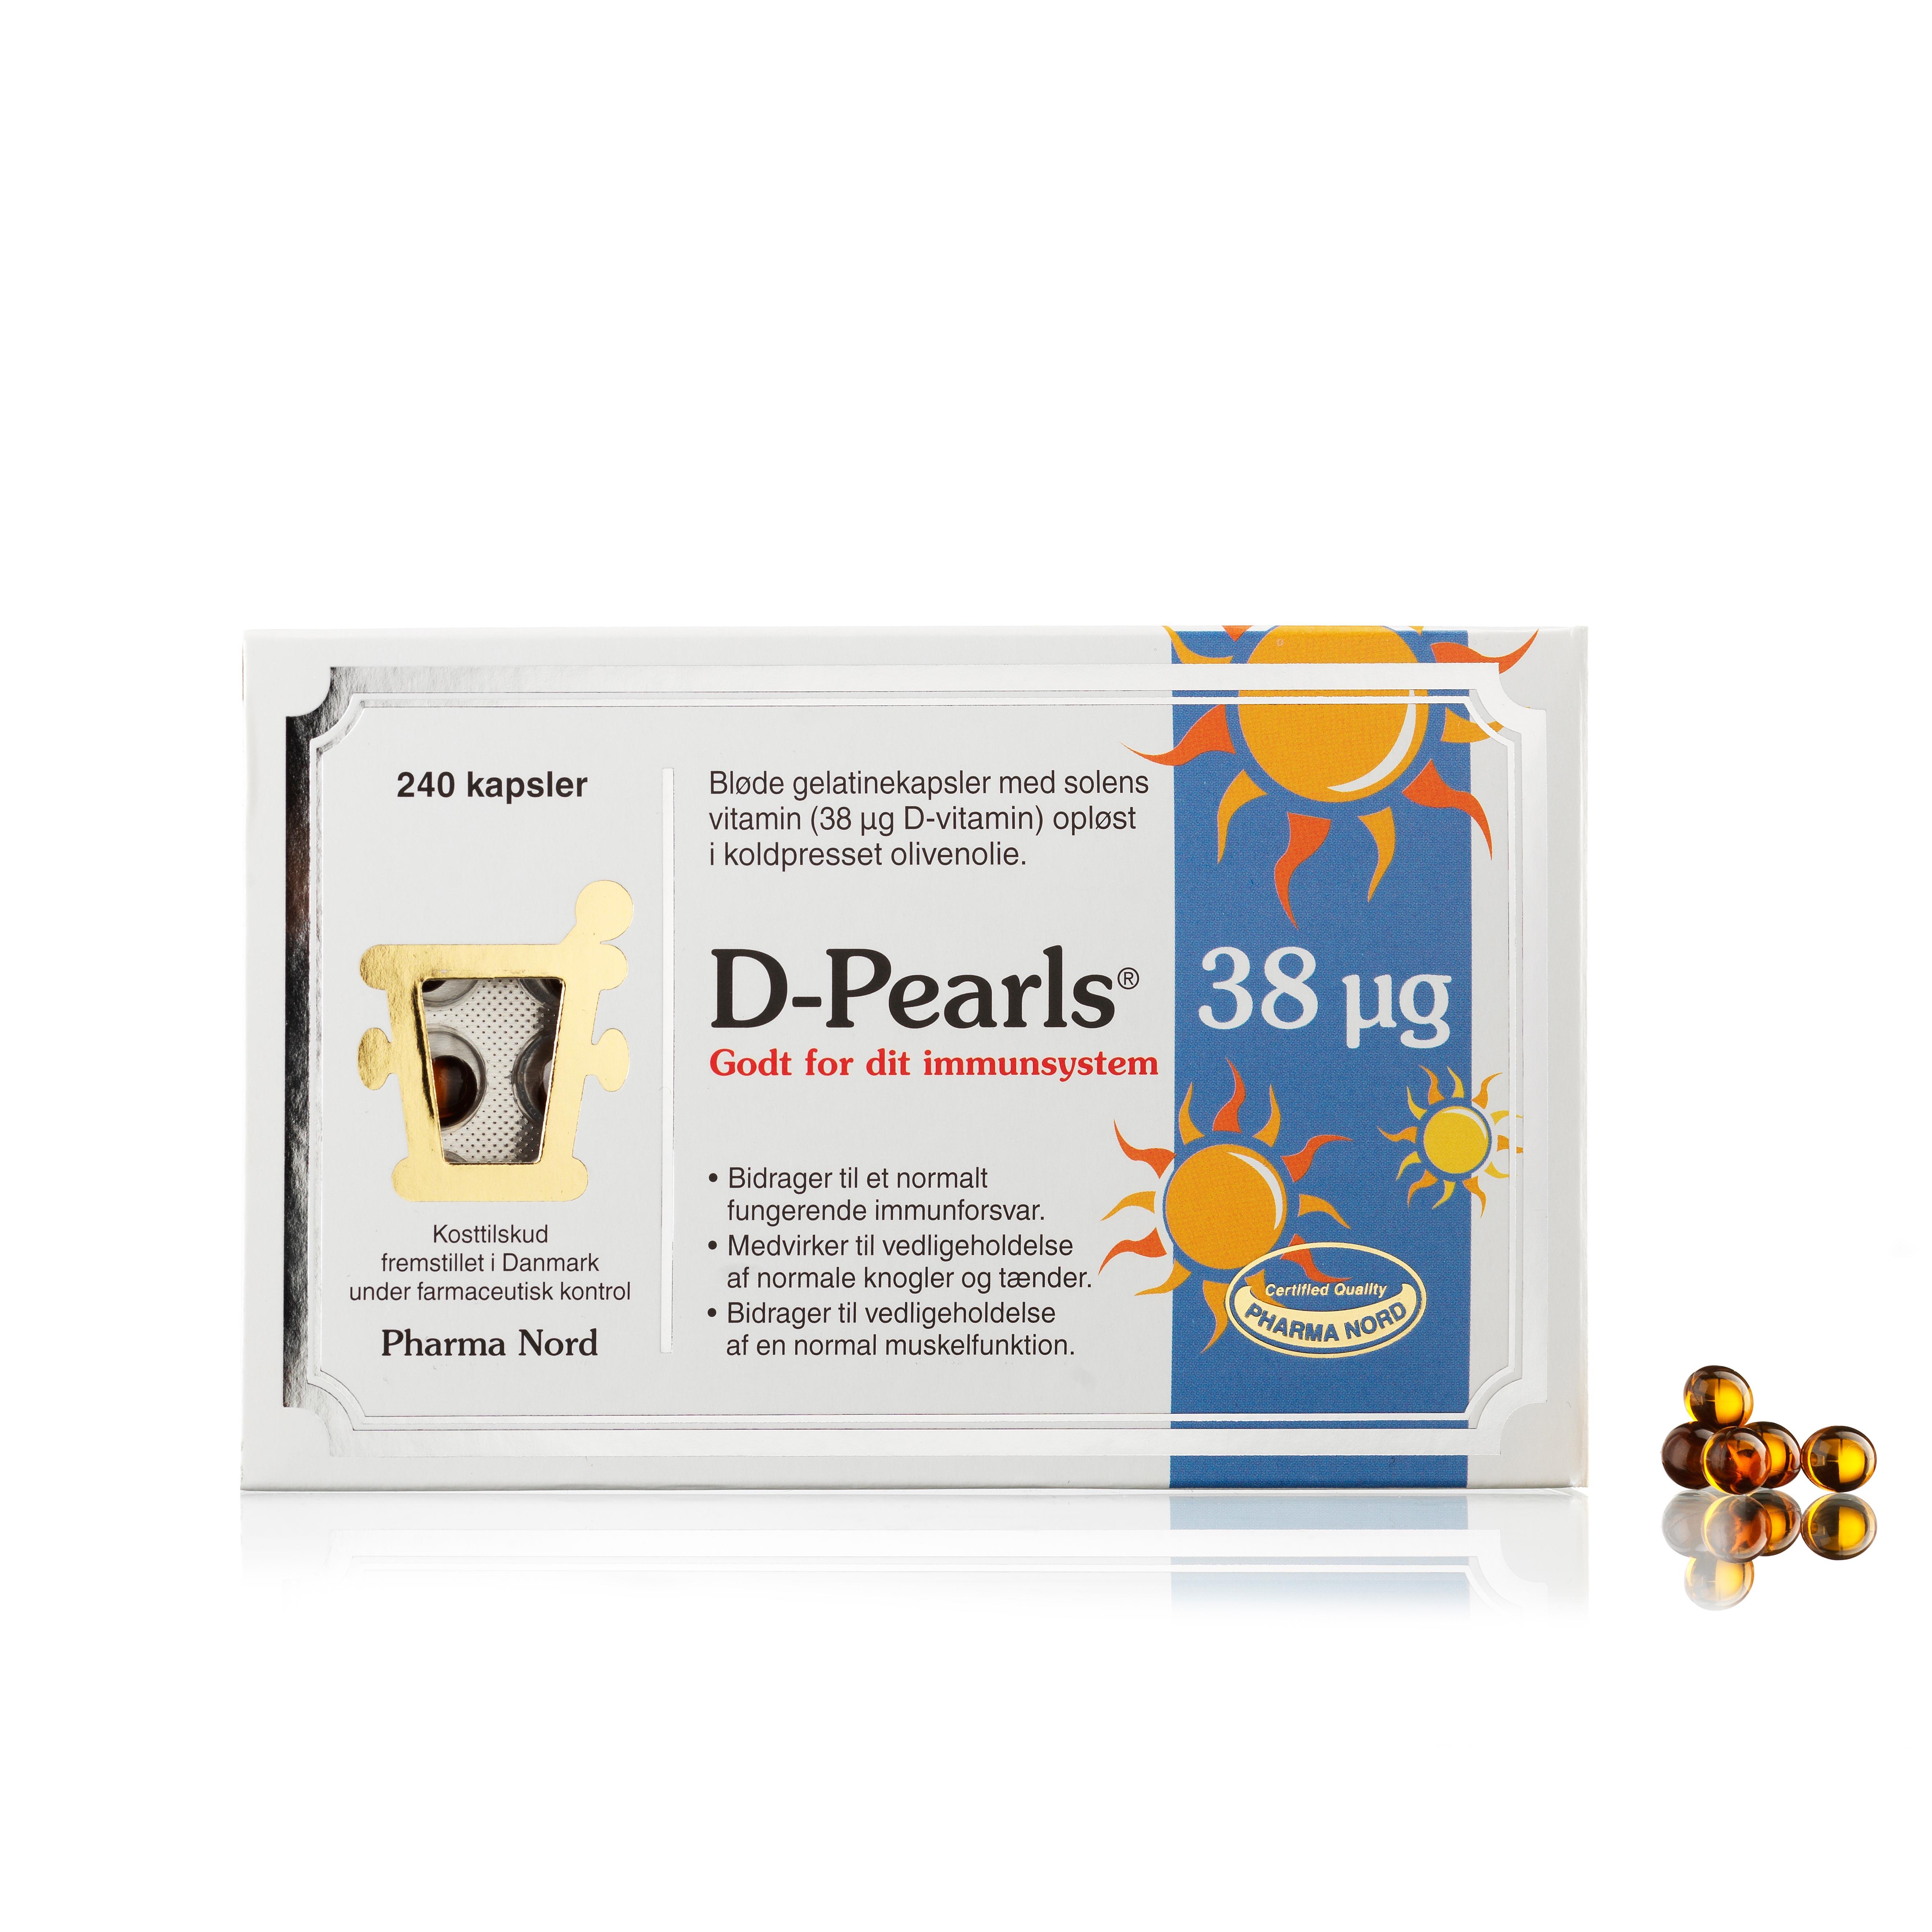 Billede af Pharma Nord D-Pearls - 38 µg - 240 stk.